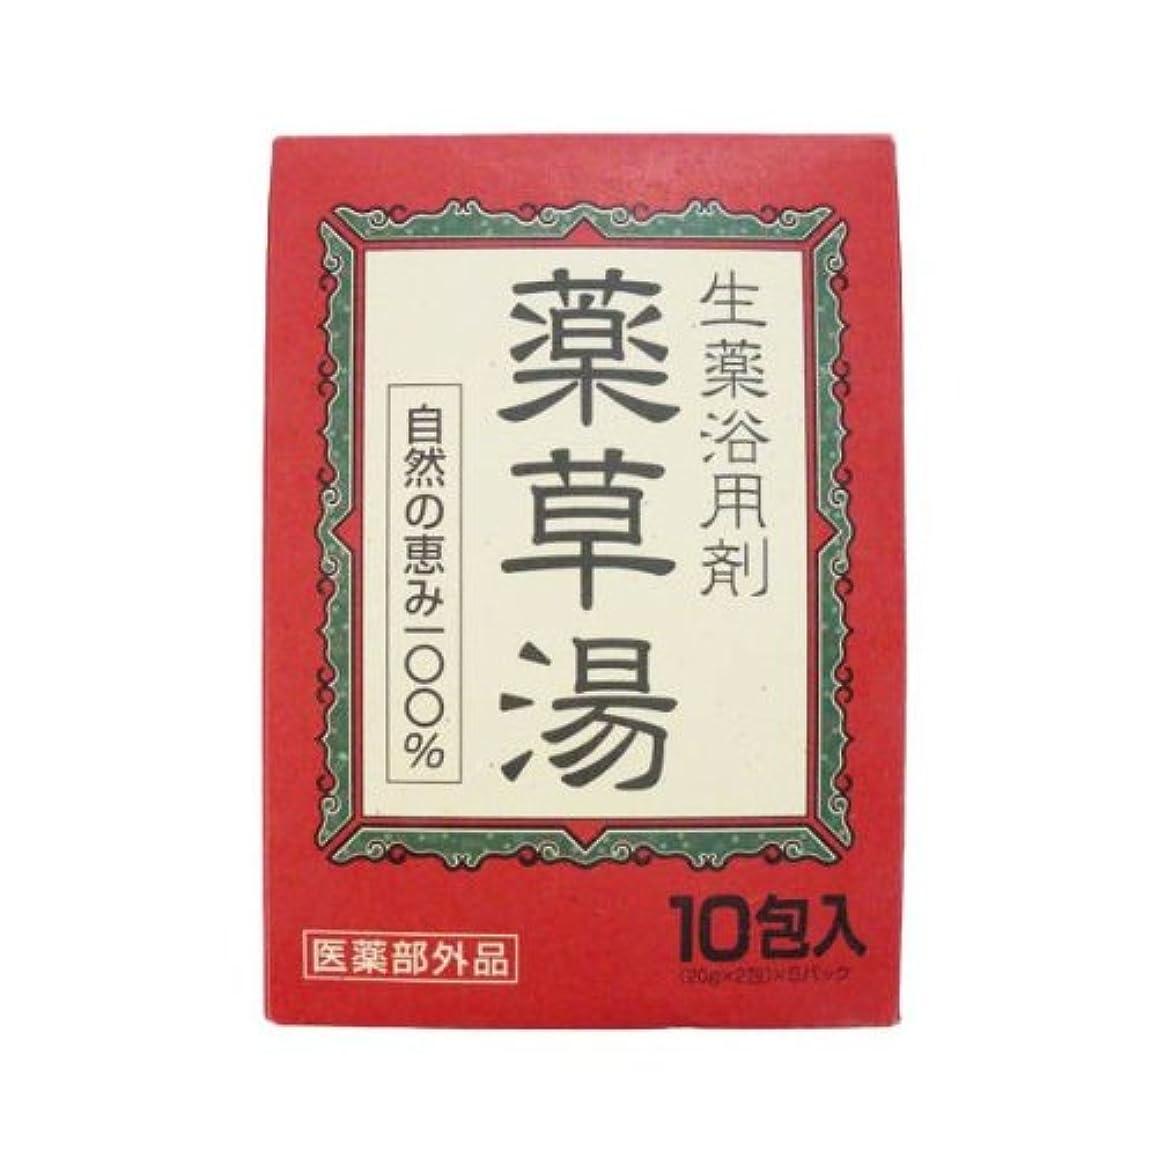 程度釈義一族VVN生薬入浴剤薬草湯10包×(20セット)